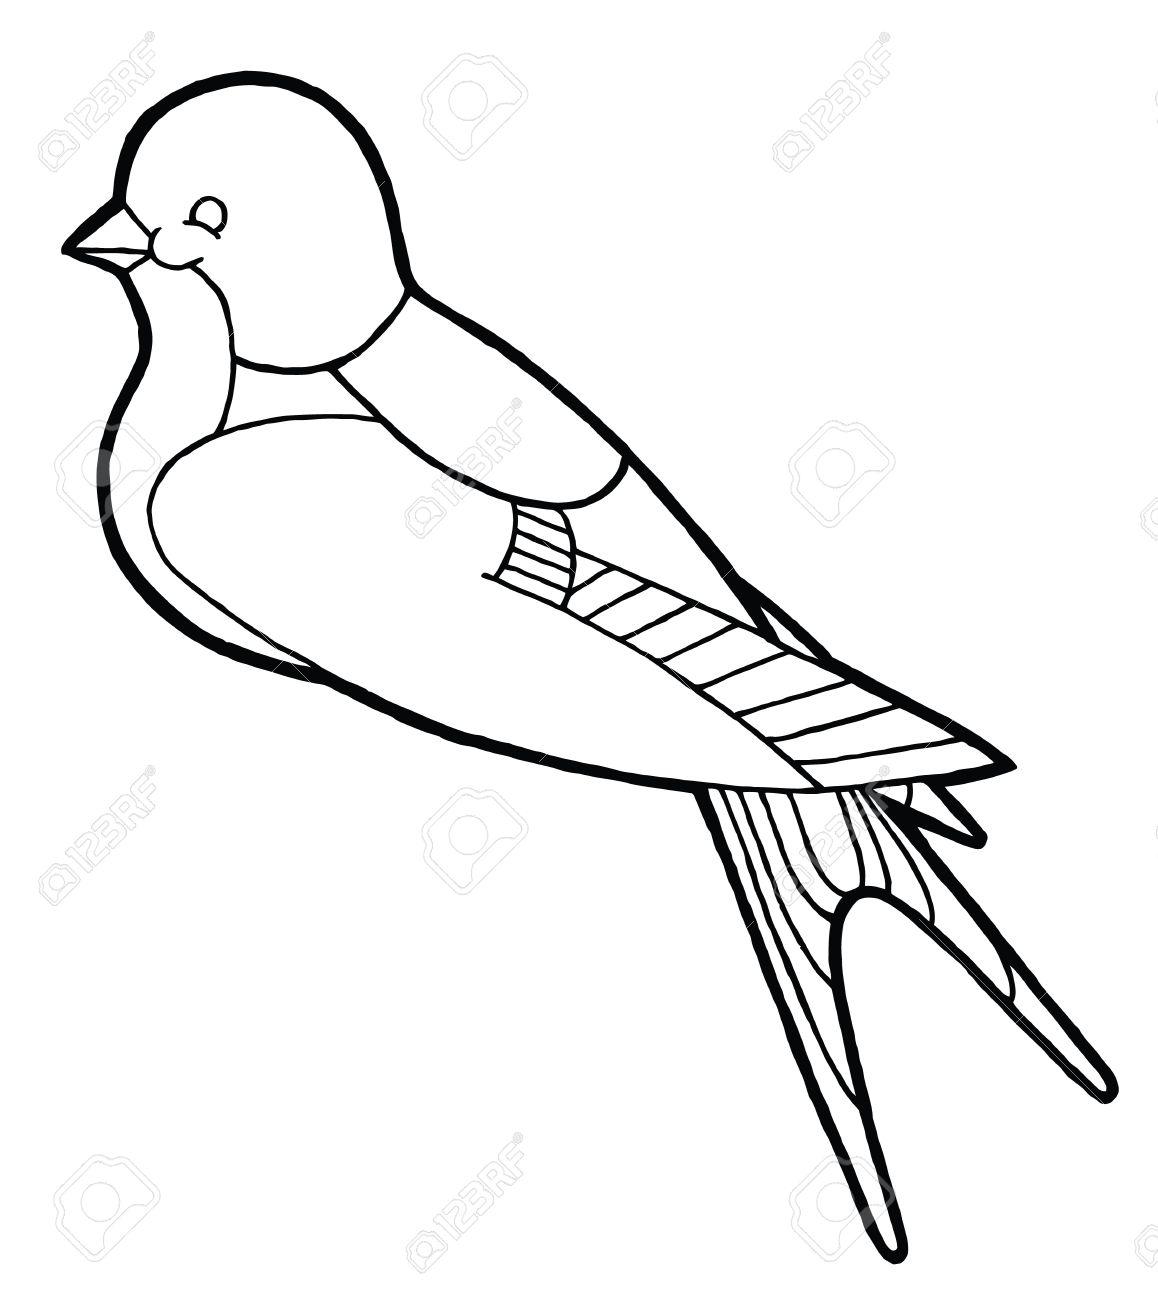 2013 11 A Swallow Dessin Simple D Oiseau Dessin Oiseau Comment Dessiner Un Oiseau